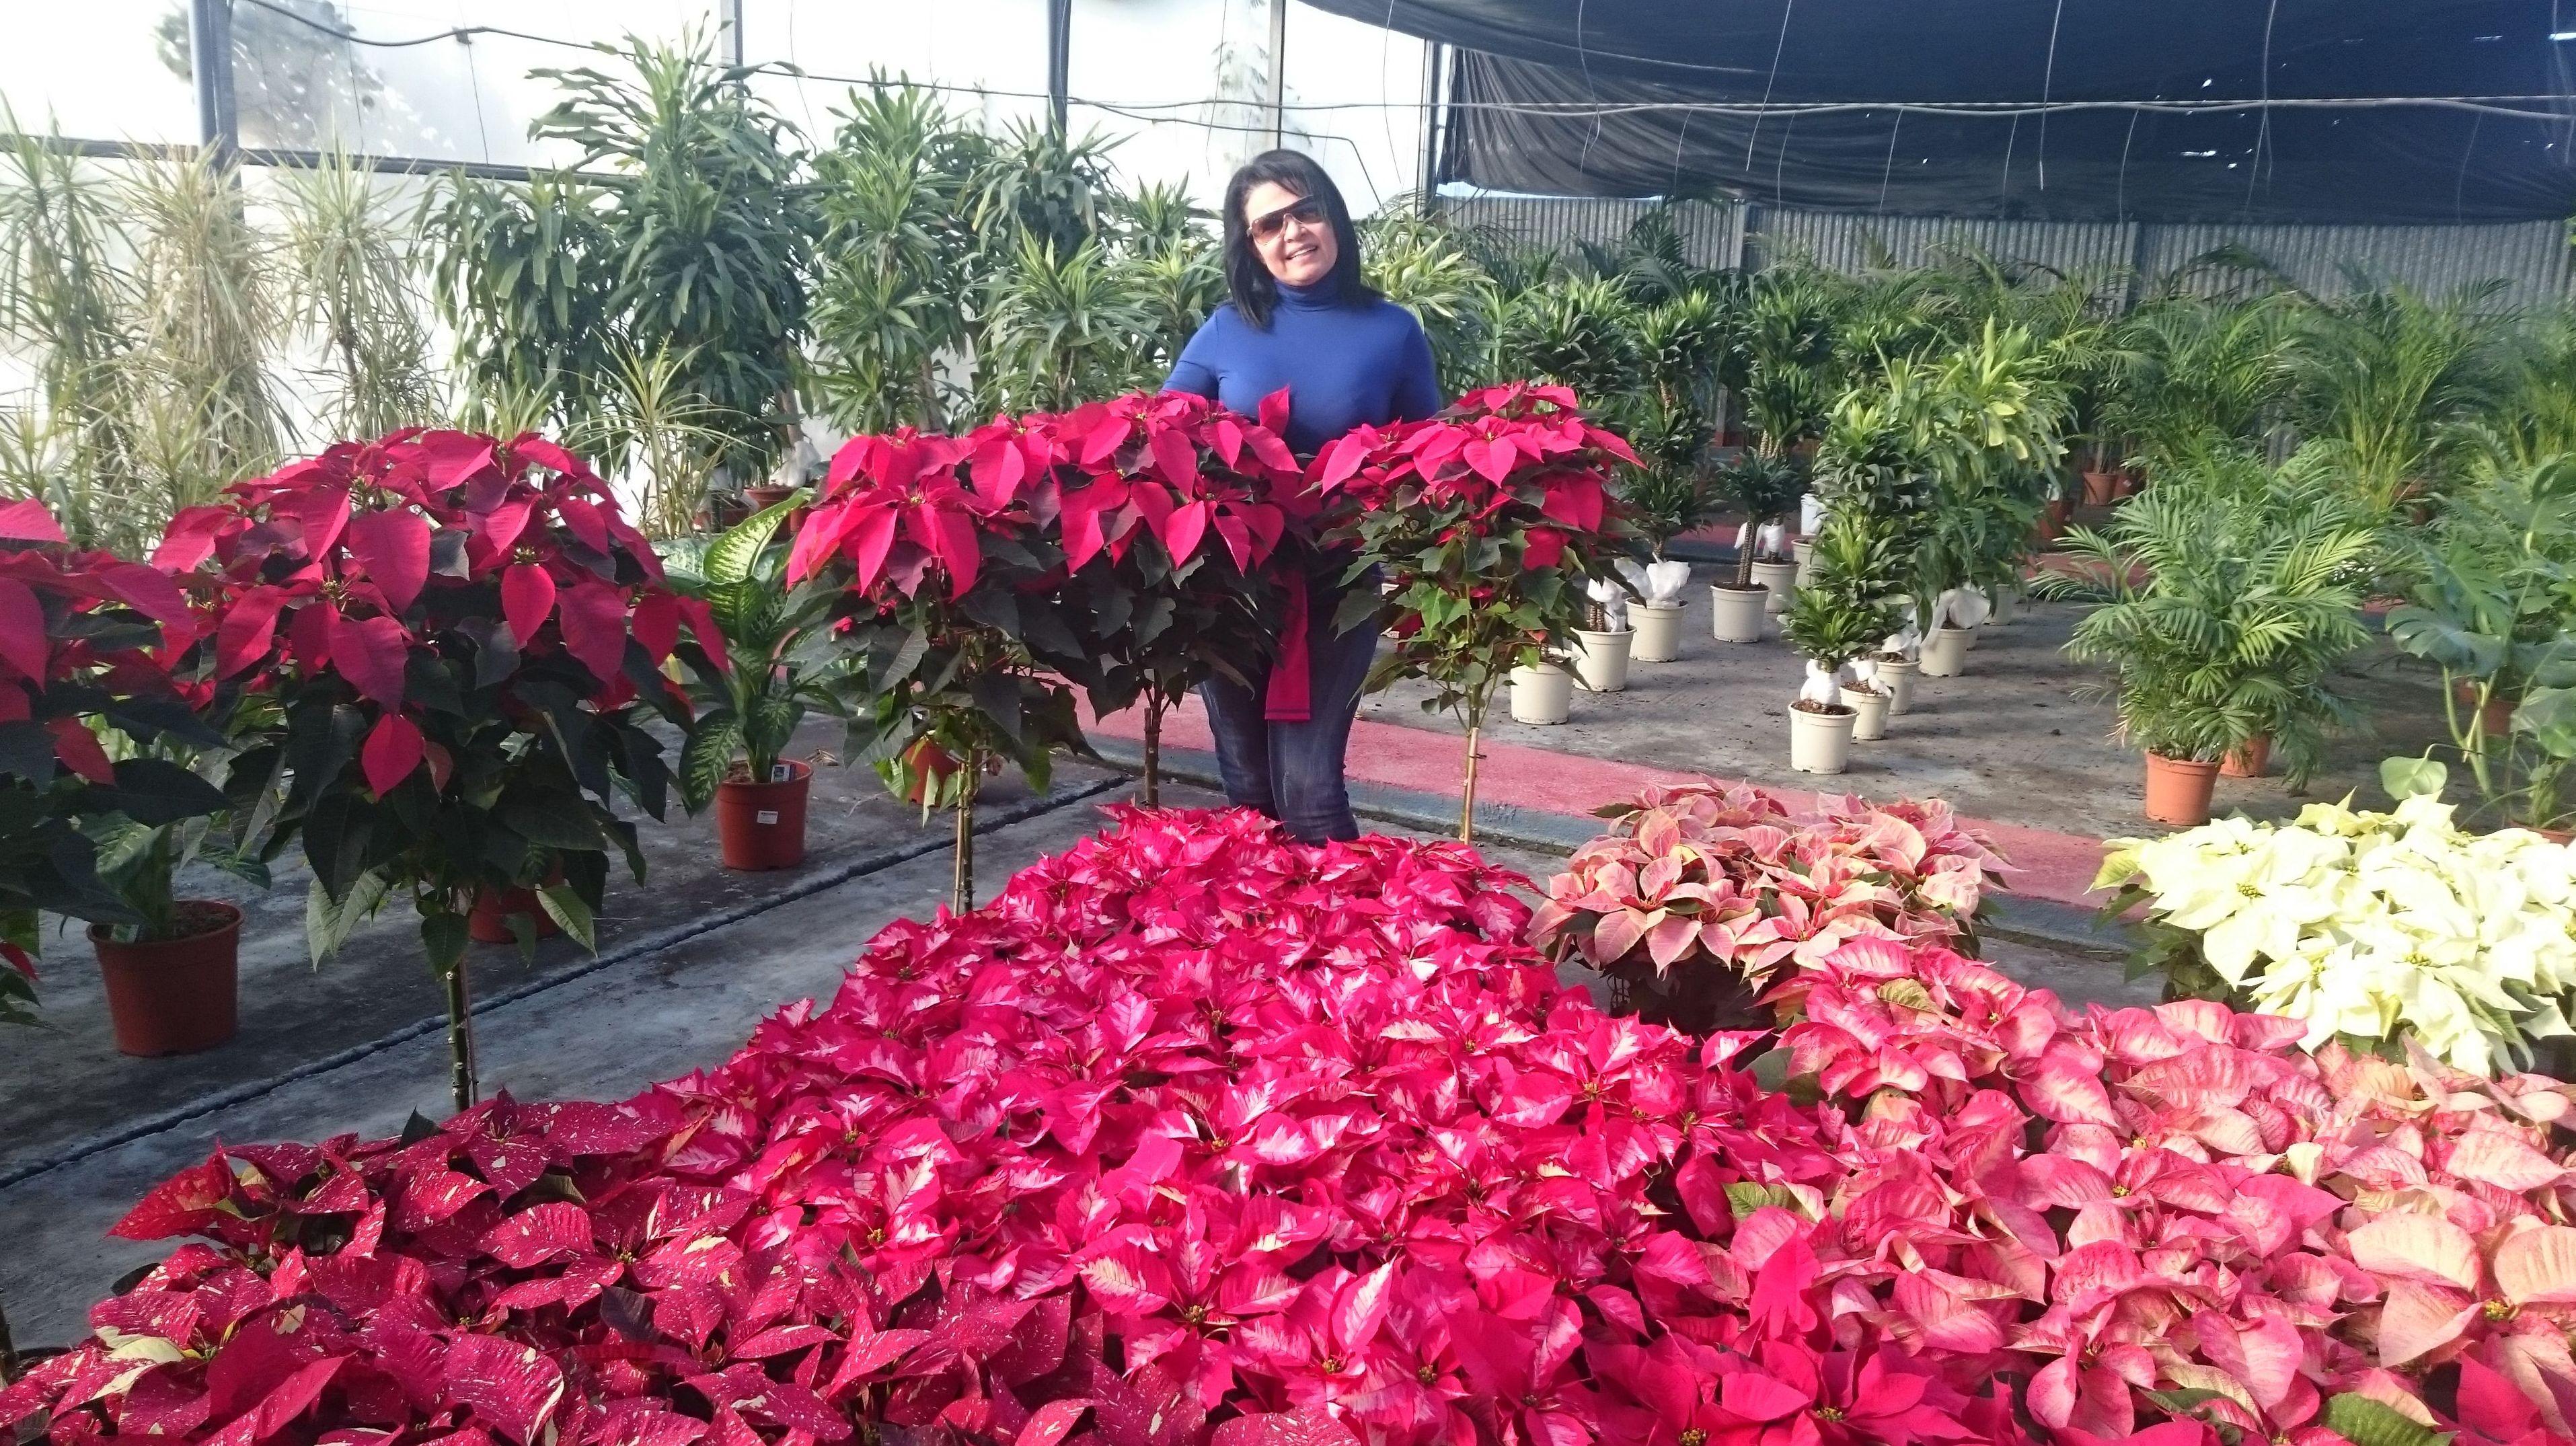 Sara mi mujer con sus flores preparando la navidad